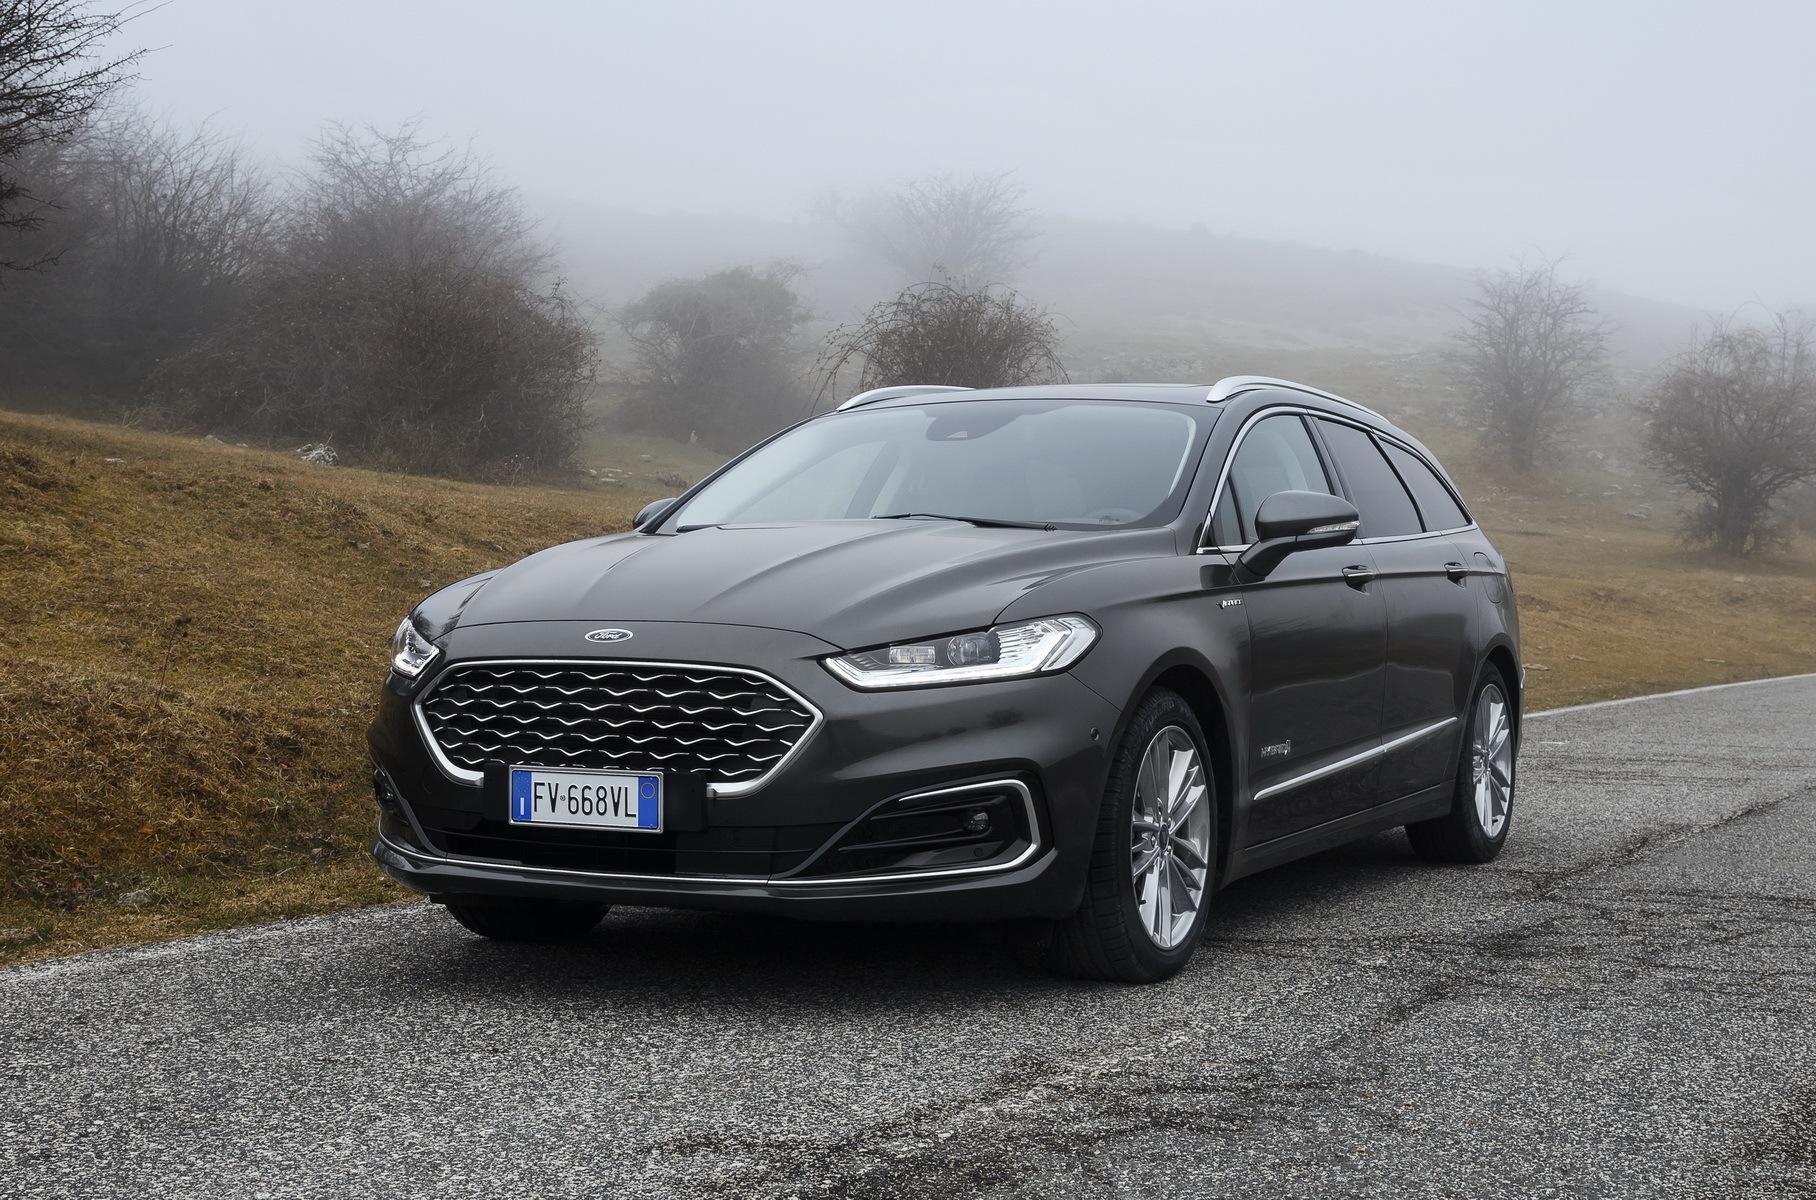 В будущем «Форд Мондео» заменят новой моделью, а пока разработчик вносит изменения в существующее семейство. Накануне объявили об одном из них: отныне автомобиль будет доступен только в гибридном и дизельном исполнении. Бензиновый вариант ушел в историю.